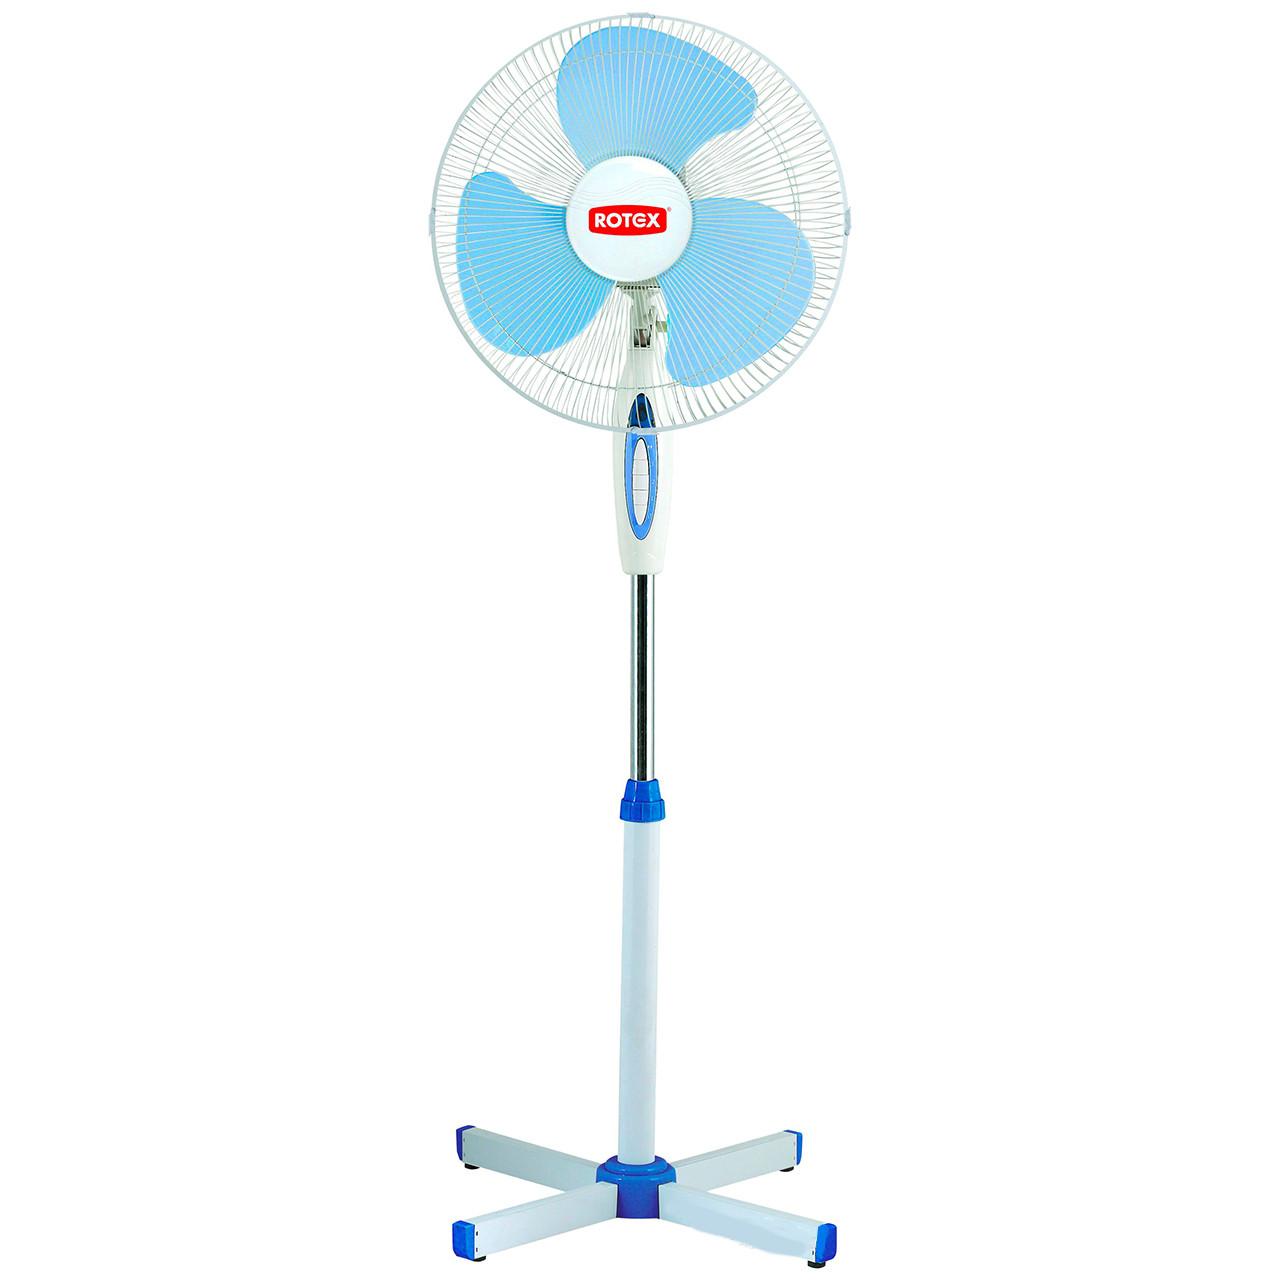 Вентилятор Rotex RAF50-E бытовой транспортабельный мощный поток воздуха уютная атмосфера от сети 220 V